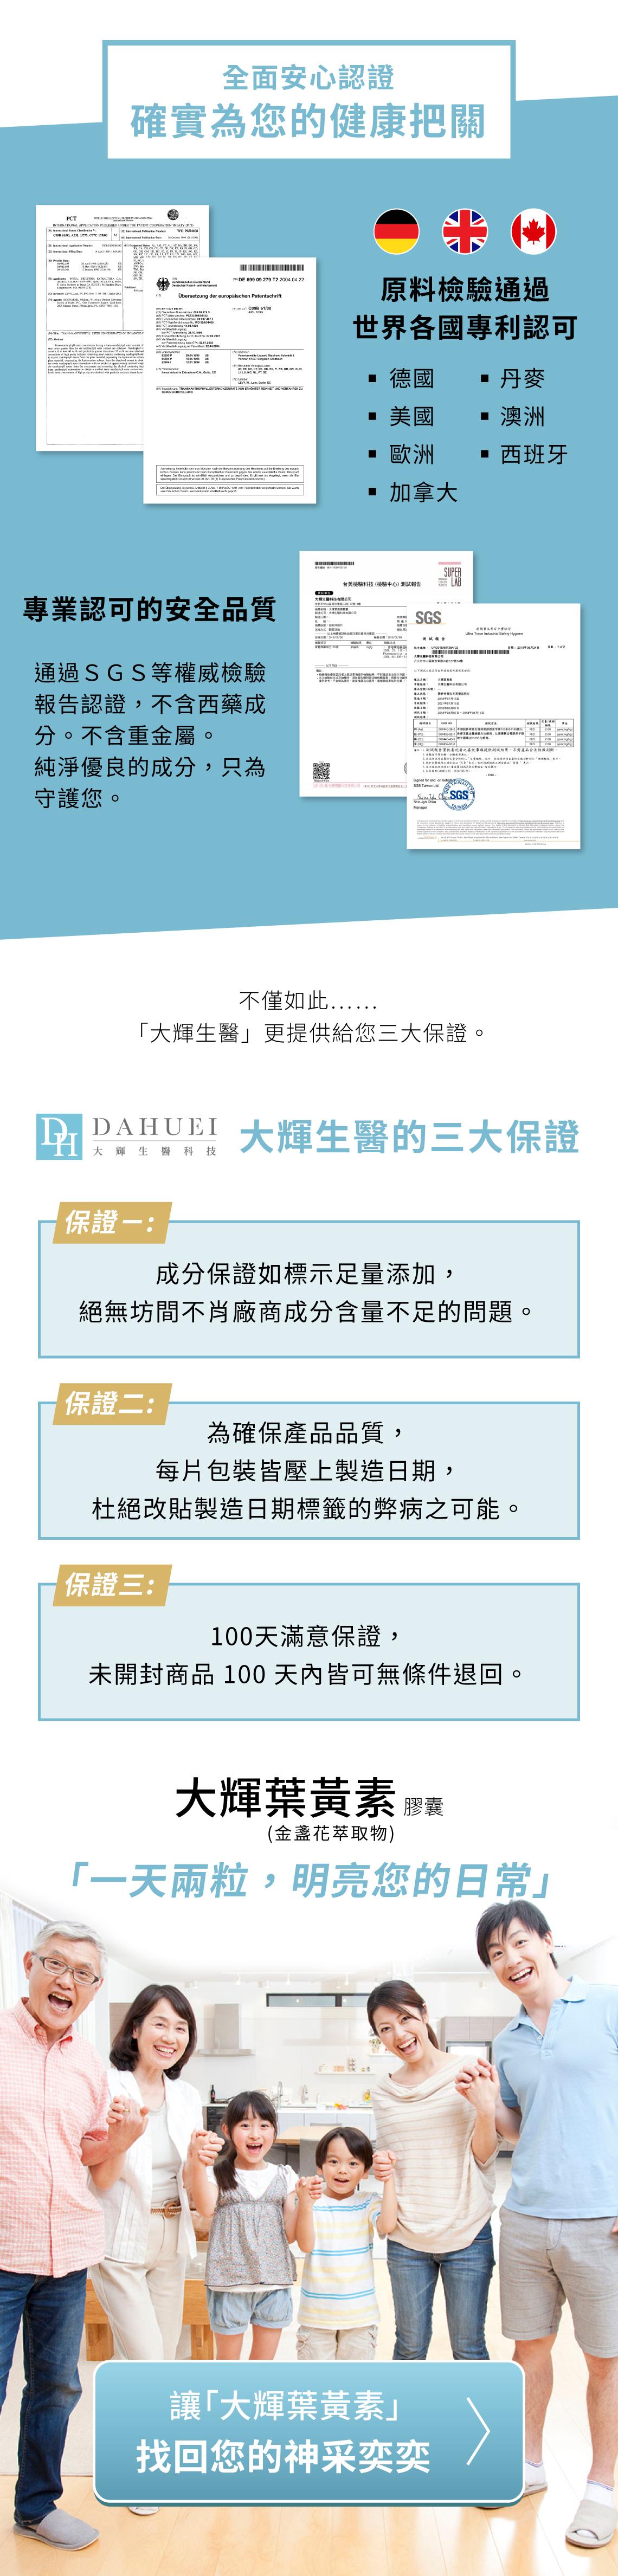 DAHUEI 大輝生醫葉黃素食用分享